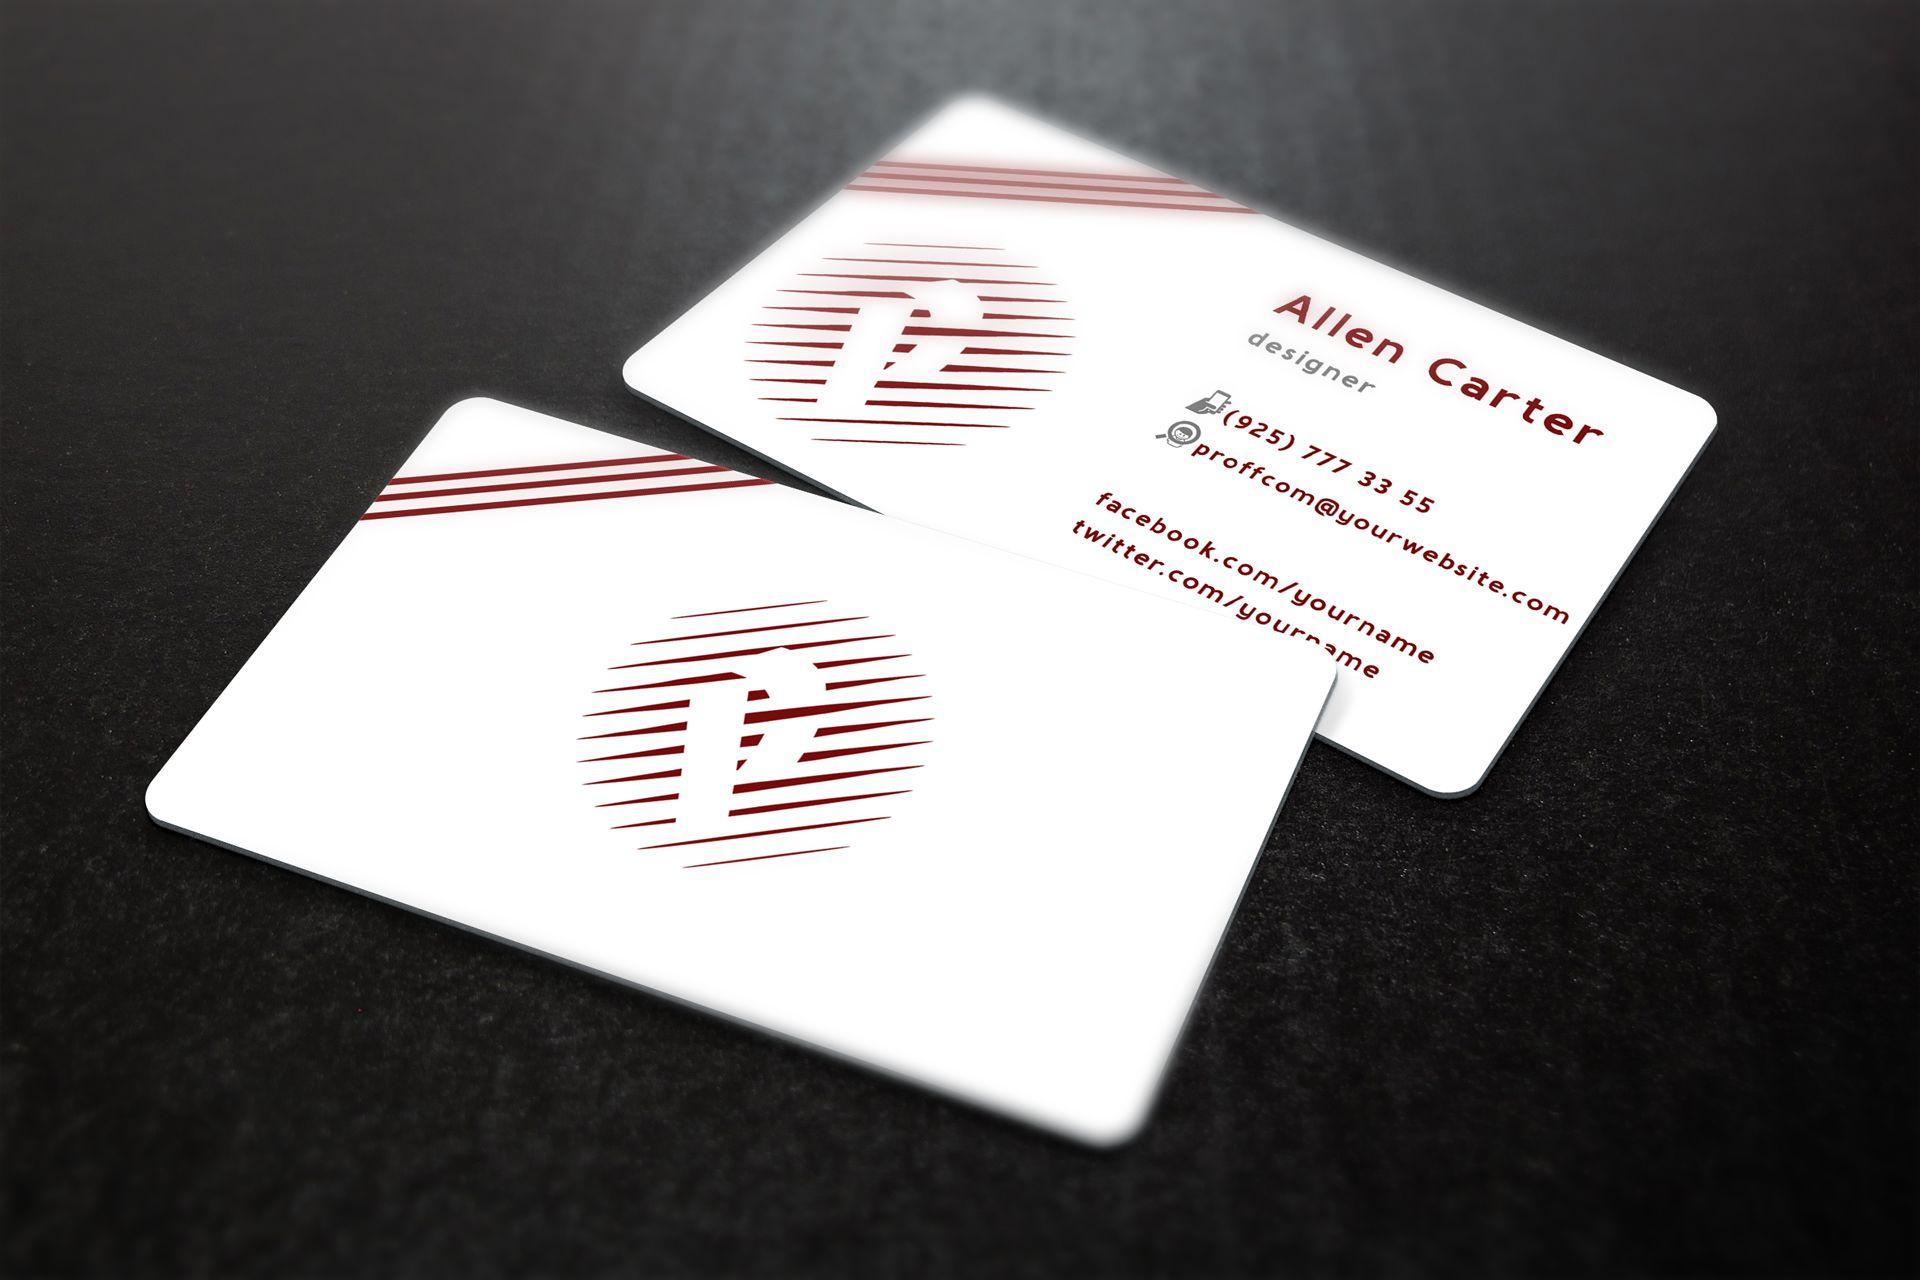 Фирстиль для агентства бизнес мероприятий - дизайнер Advokat72